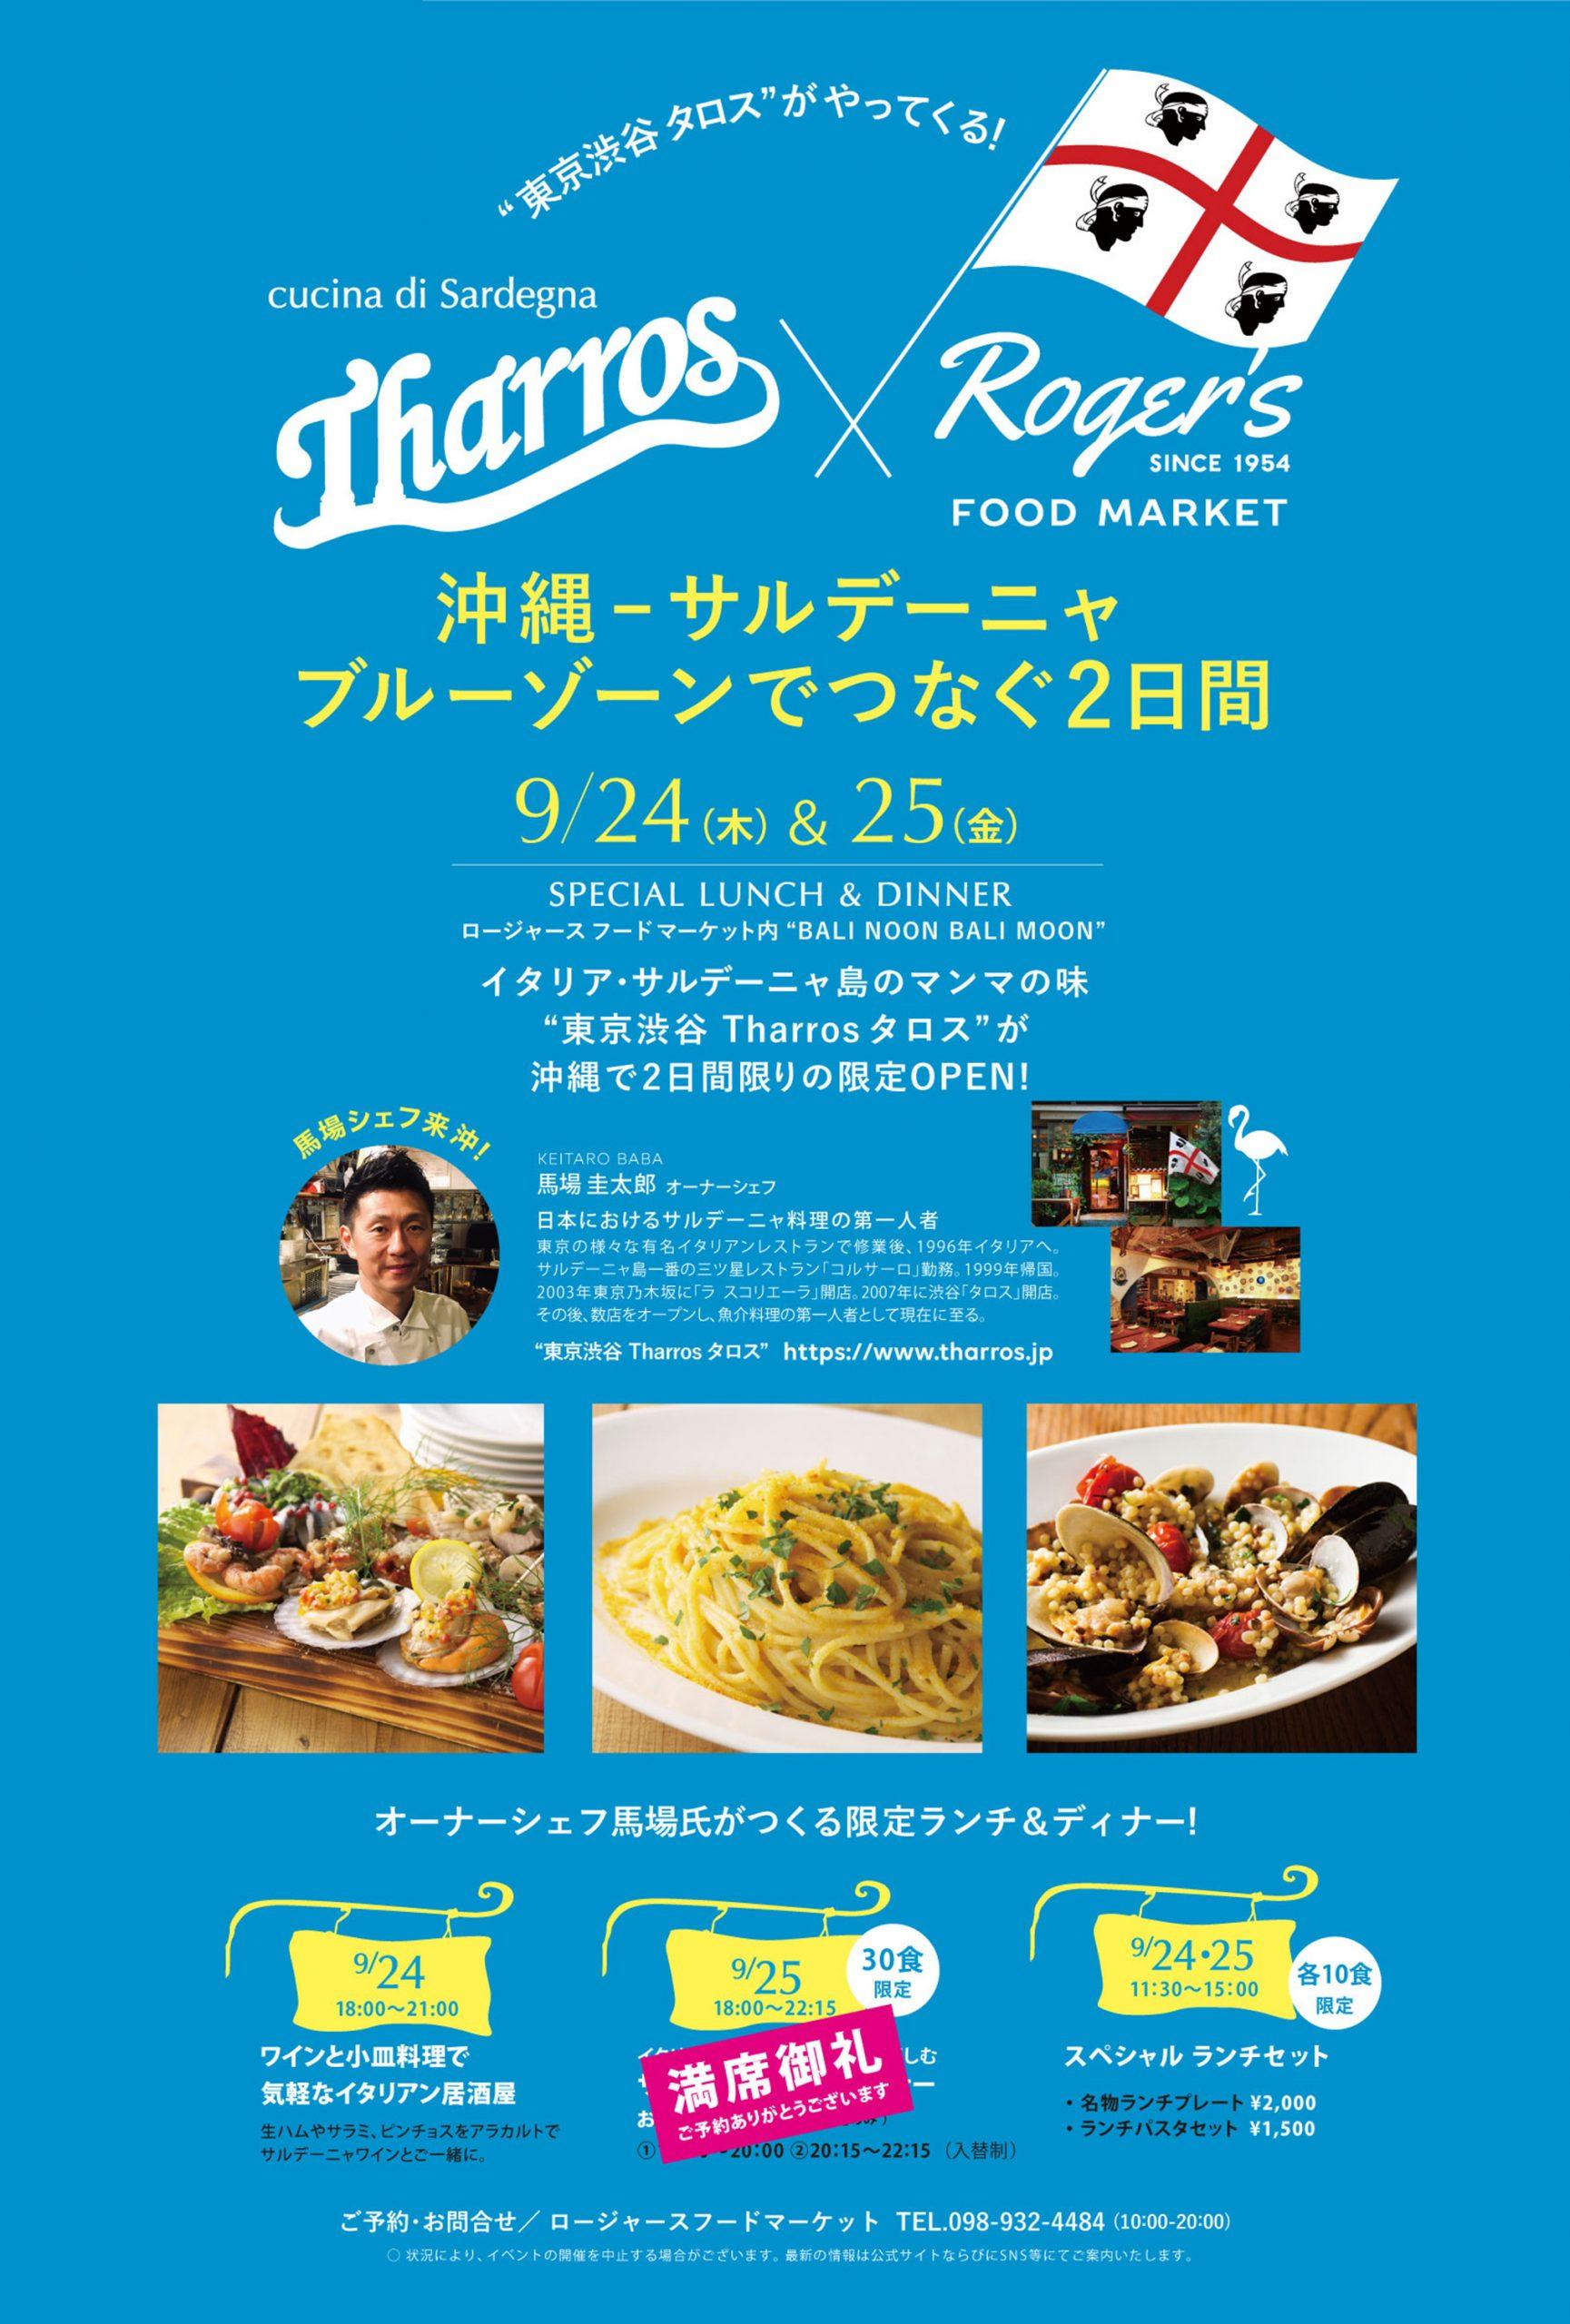 沖縄-サルディーニャ<br /> ブルーゾーンでつなぐ2日間 9/24-25 東京渋谷